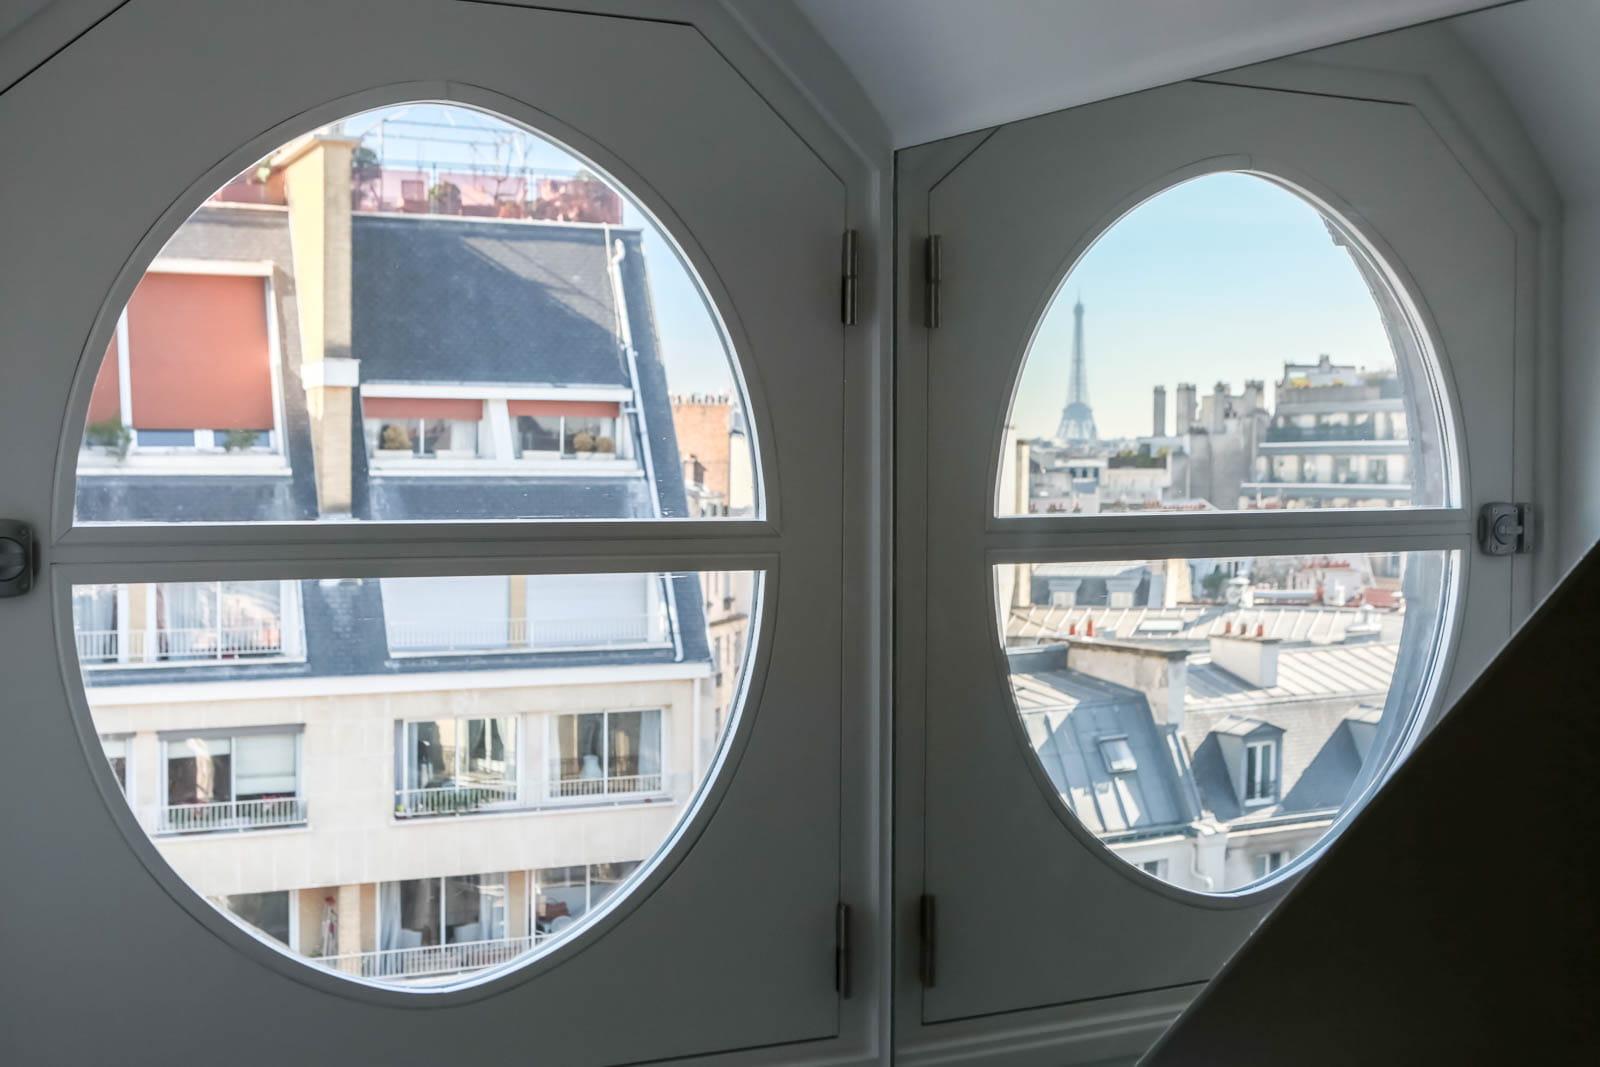 des miroirs pour augmenter la luminosit un studio avec vue boost par sa couleur journal. Black Bedroom Furniture Sets. Home Design Ideas